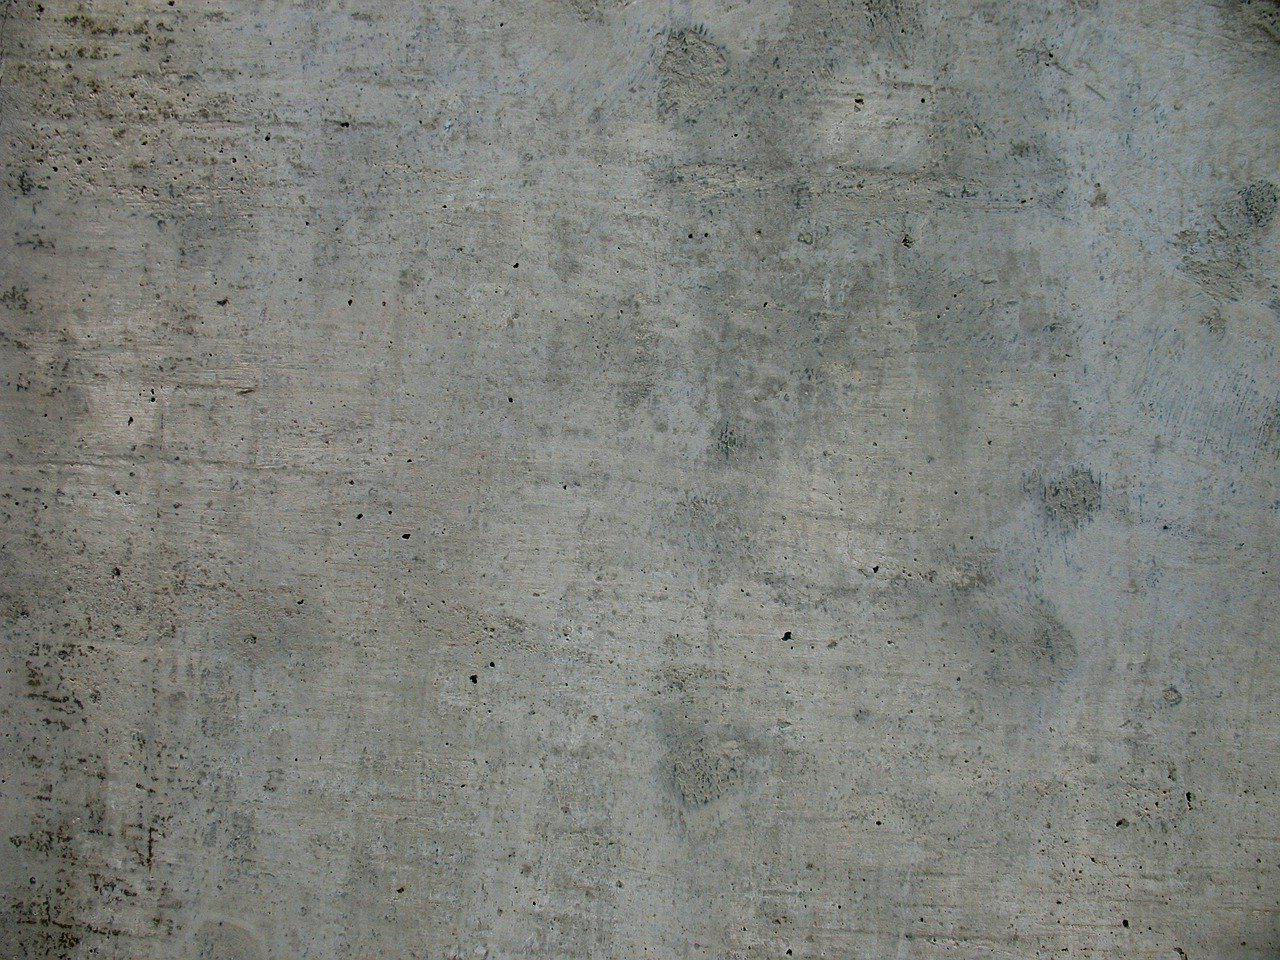 Béton désactivé à Rueil-Malmaison 92500 | Tarif béton lavé décoratif